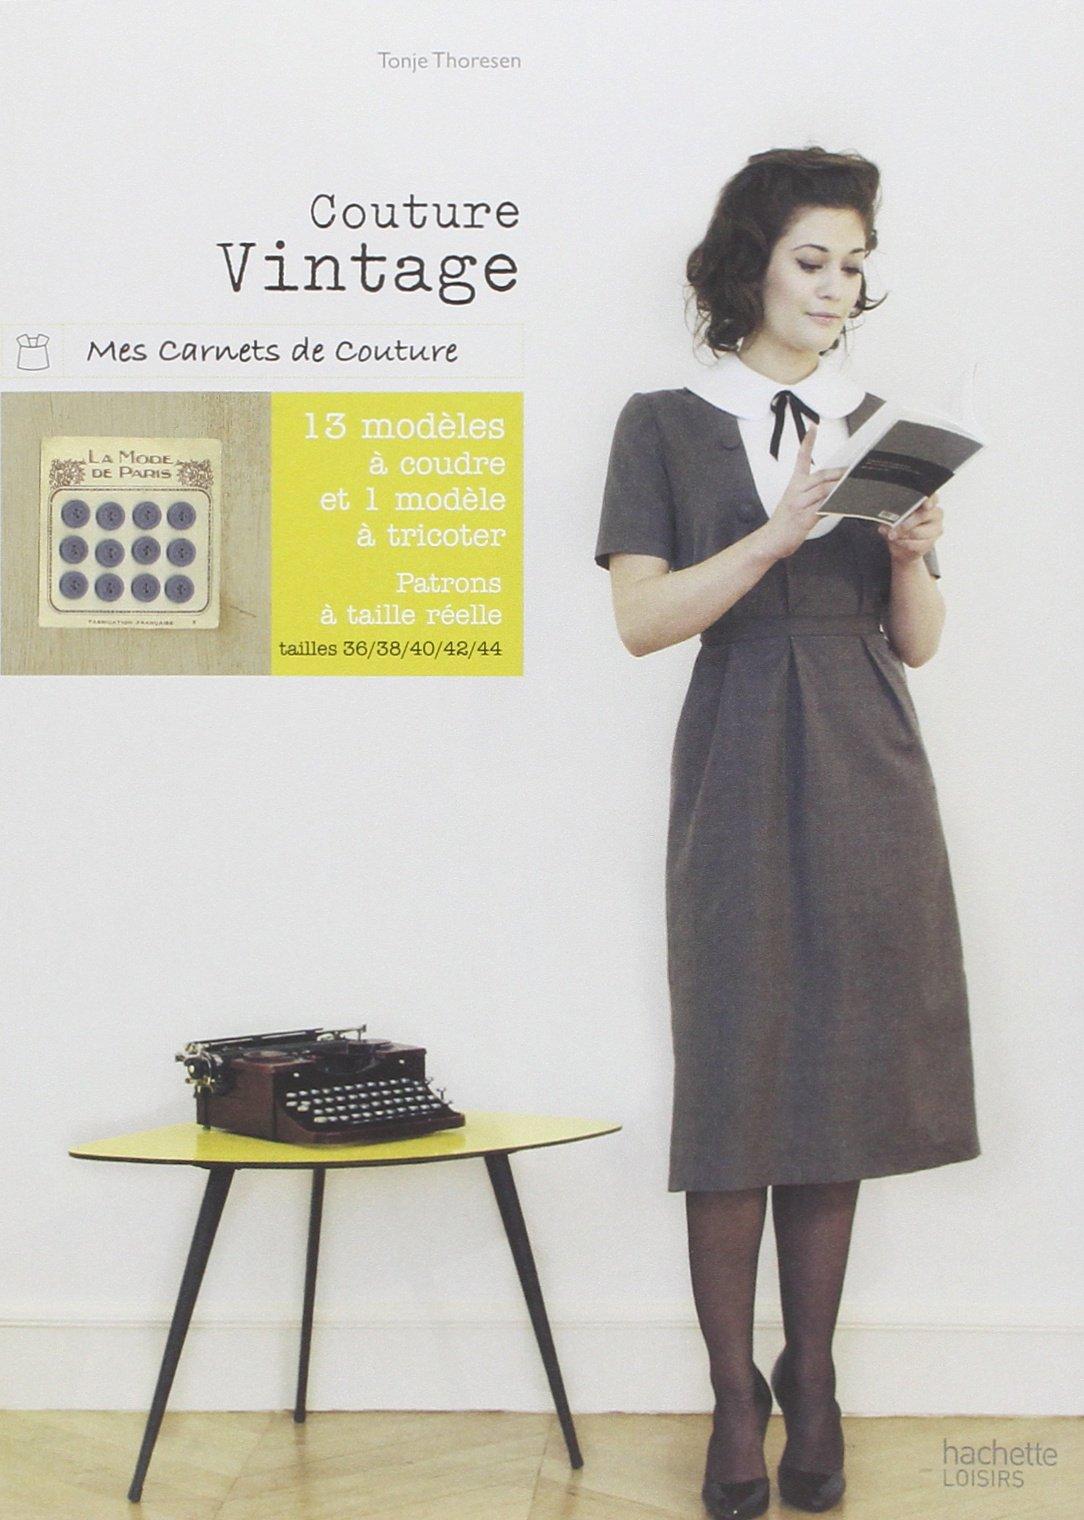 Couture Vintage de Tonje Thoresen